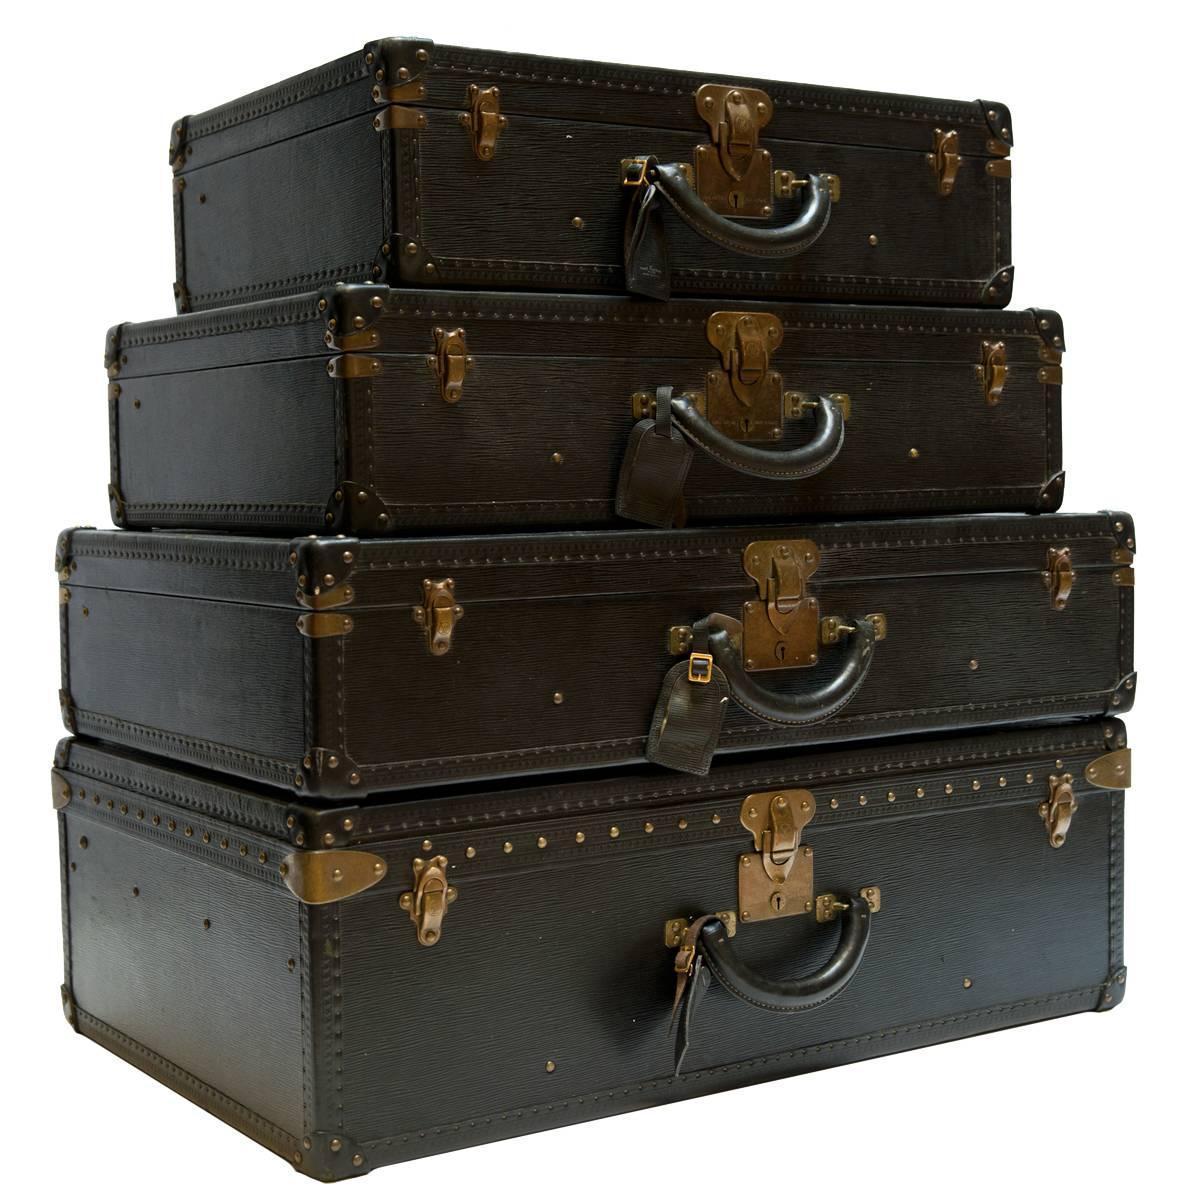 vintage louis vuitton luggage set. vintage louis vuitton black epi leather four-piece luggage set g